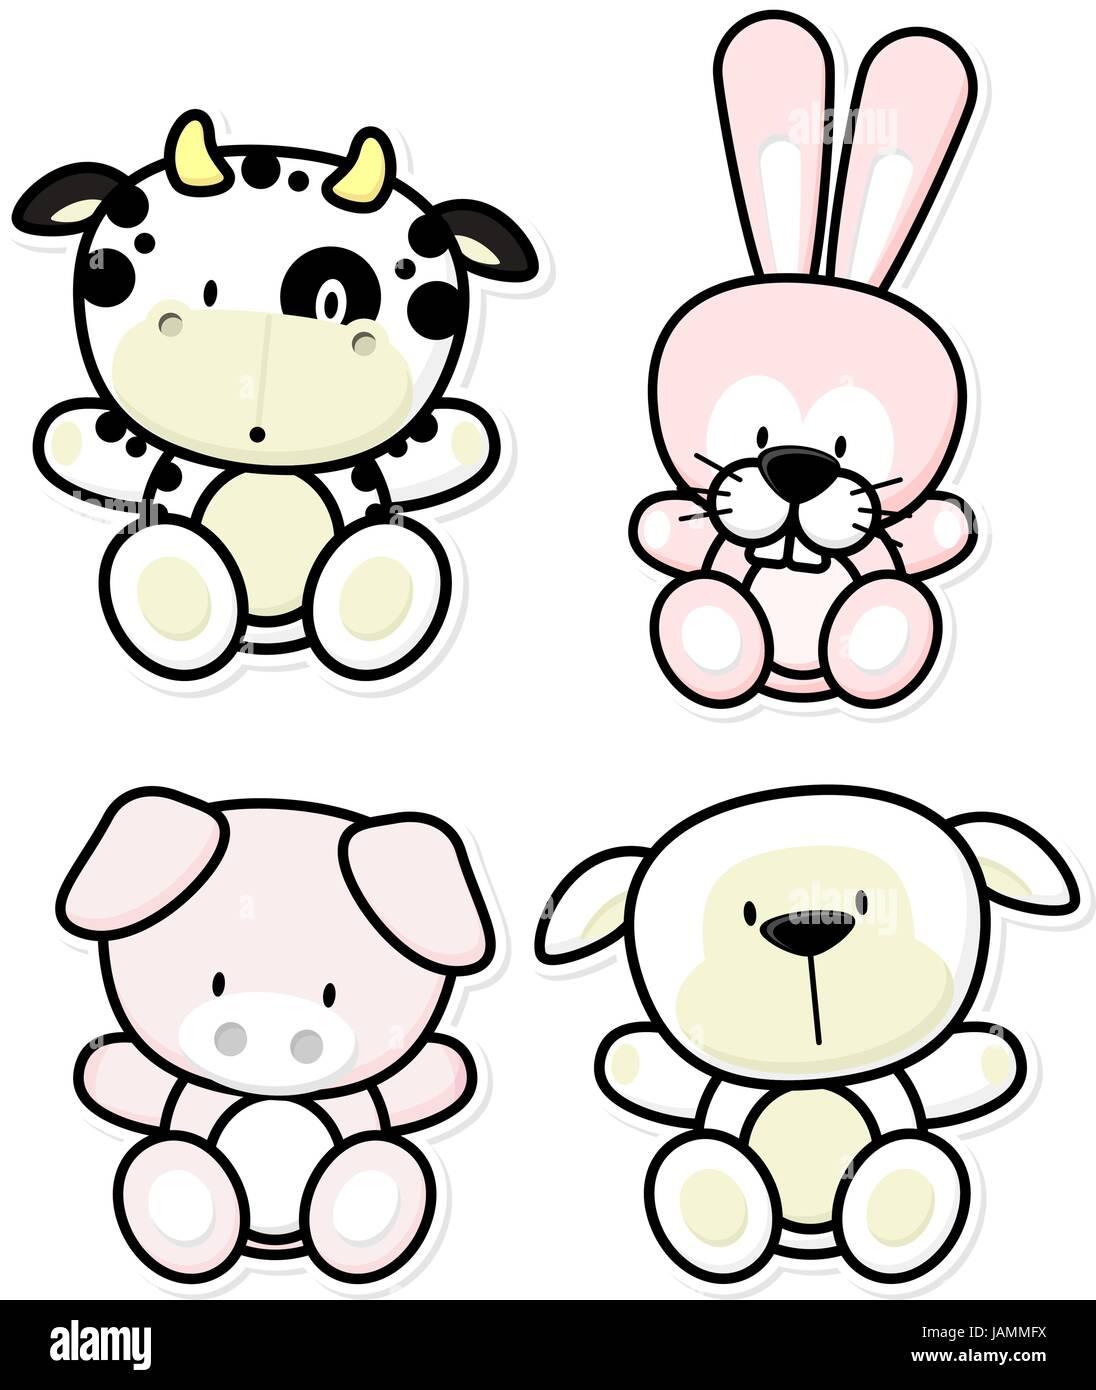 Cartoon Vectores Ilustración De Cuatro Animales De Granja Bebé Aislado Sobre Fondo Blanco Ideal Para Niños Decoración Imagen Vector De Stock Alamy